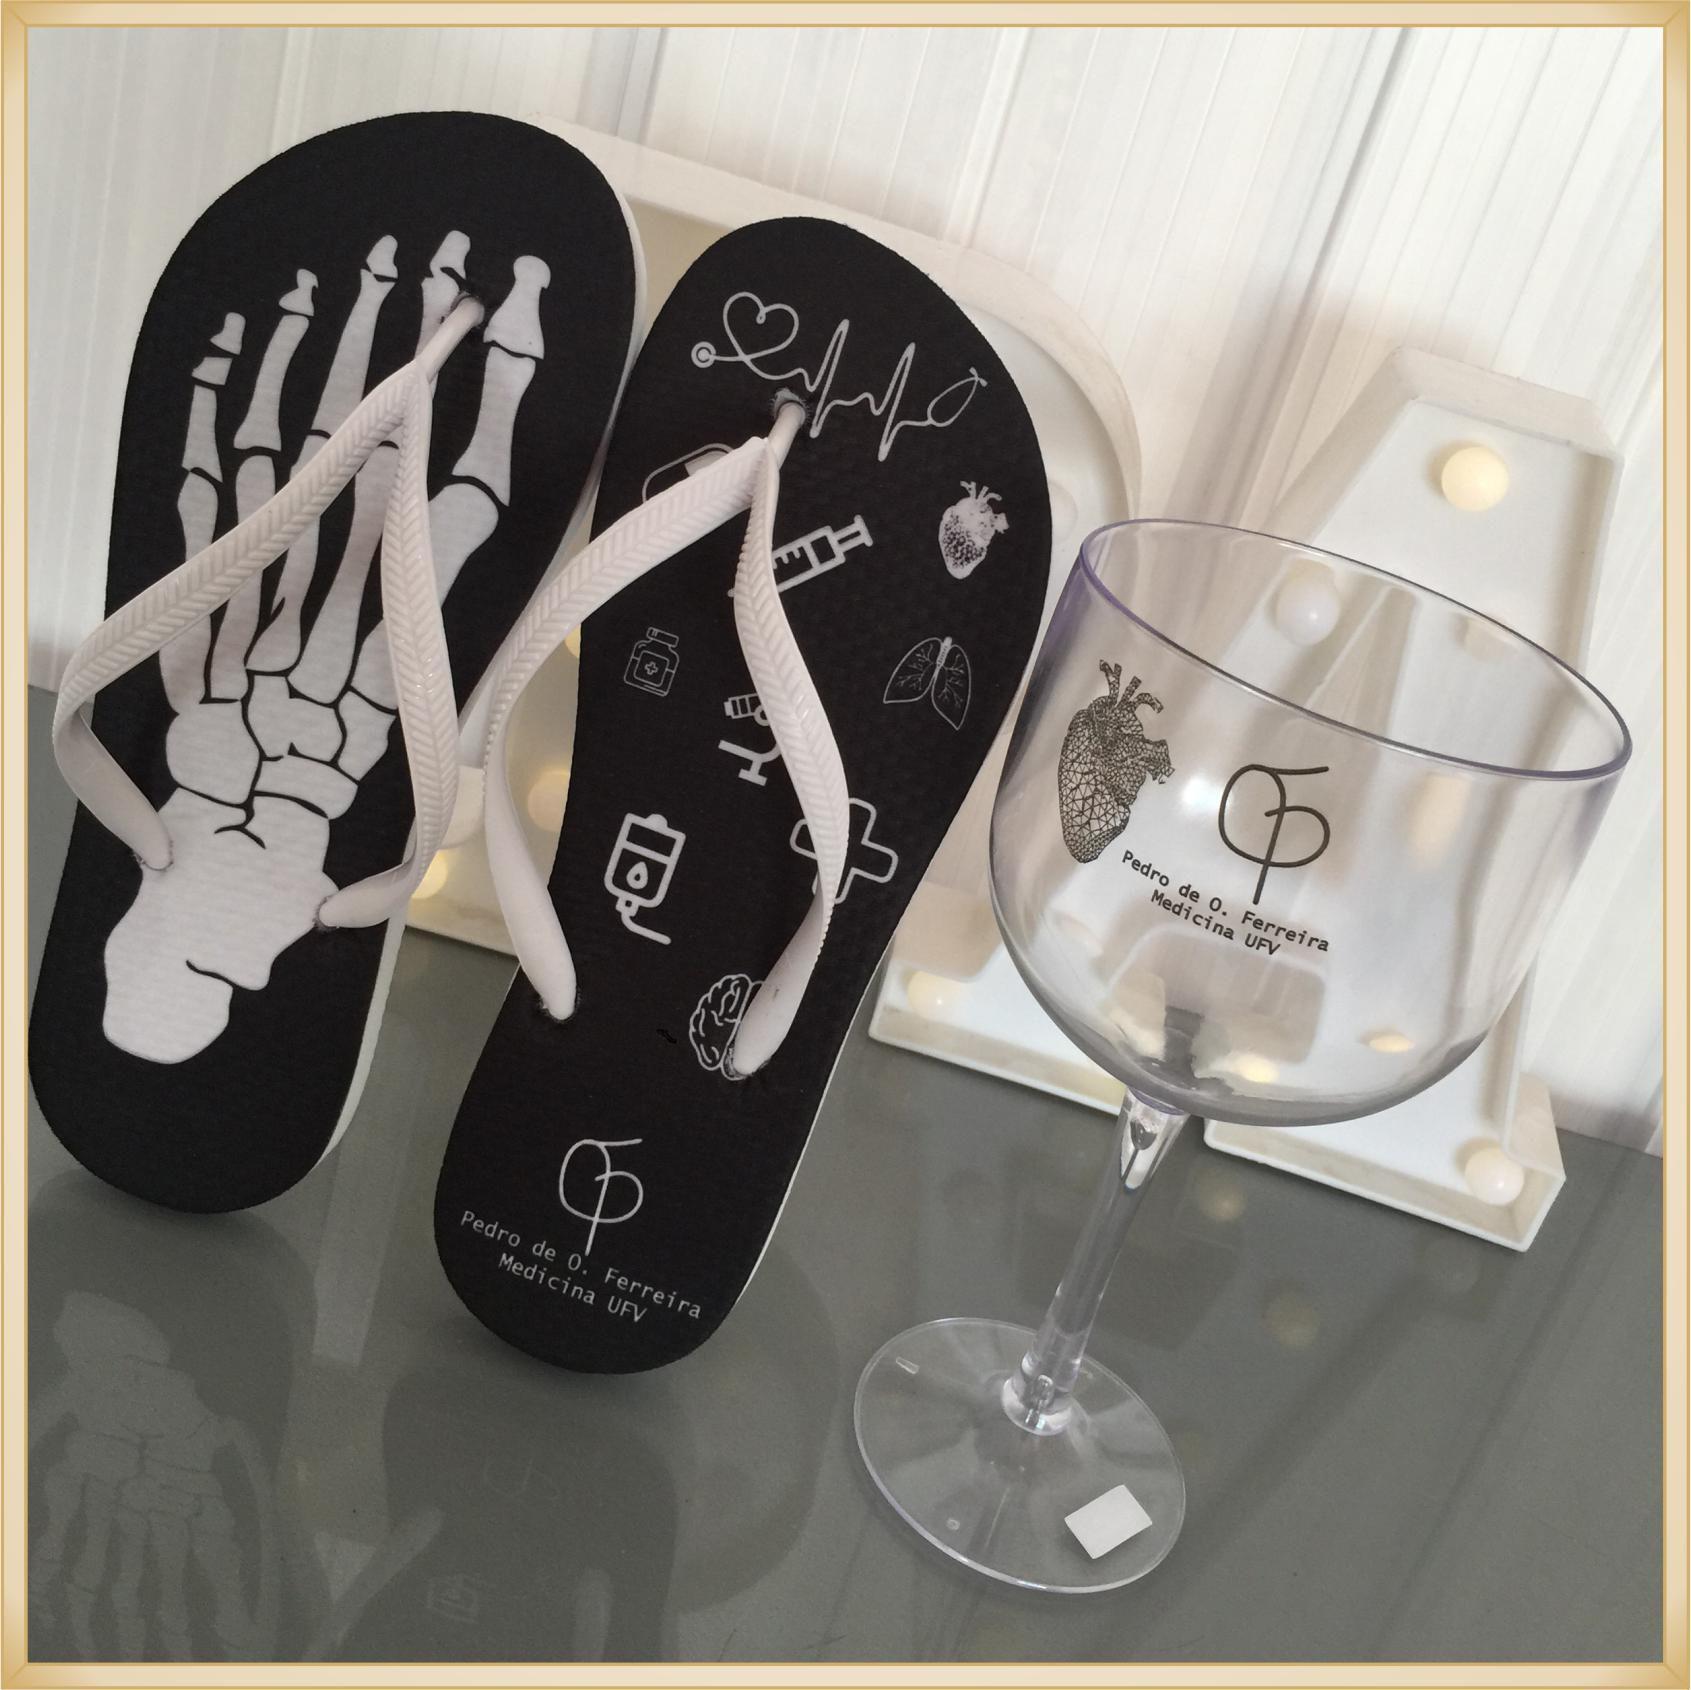 Kit formatura com Taças de Gin + chinelo personalizados - 10 unidades de cada